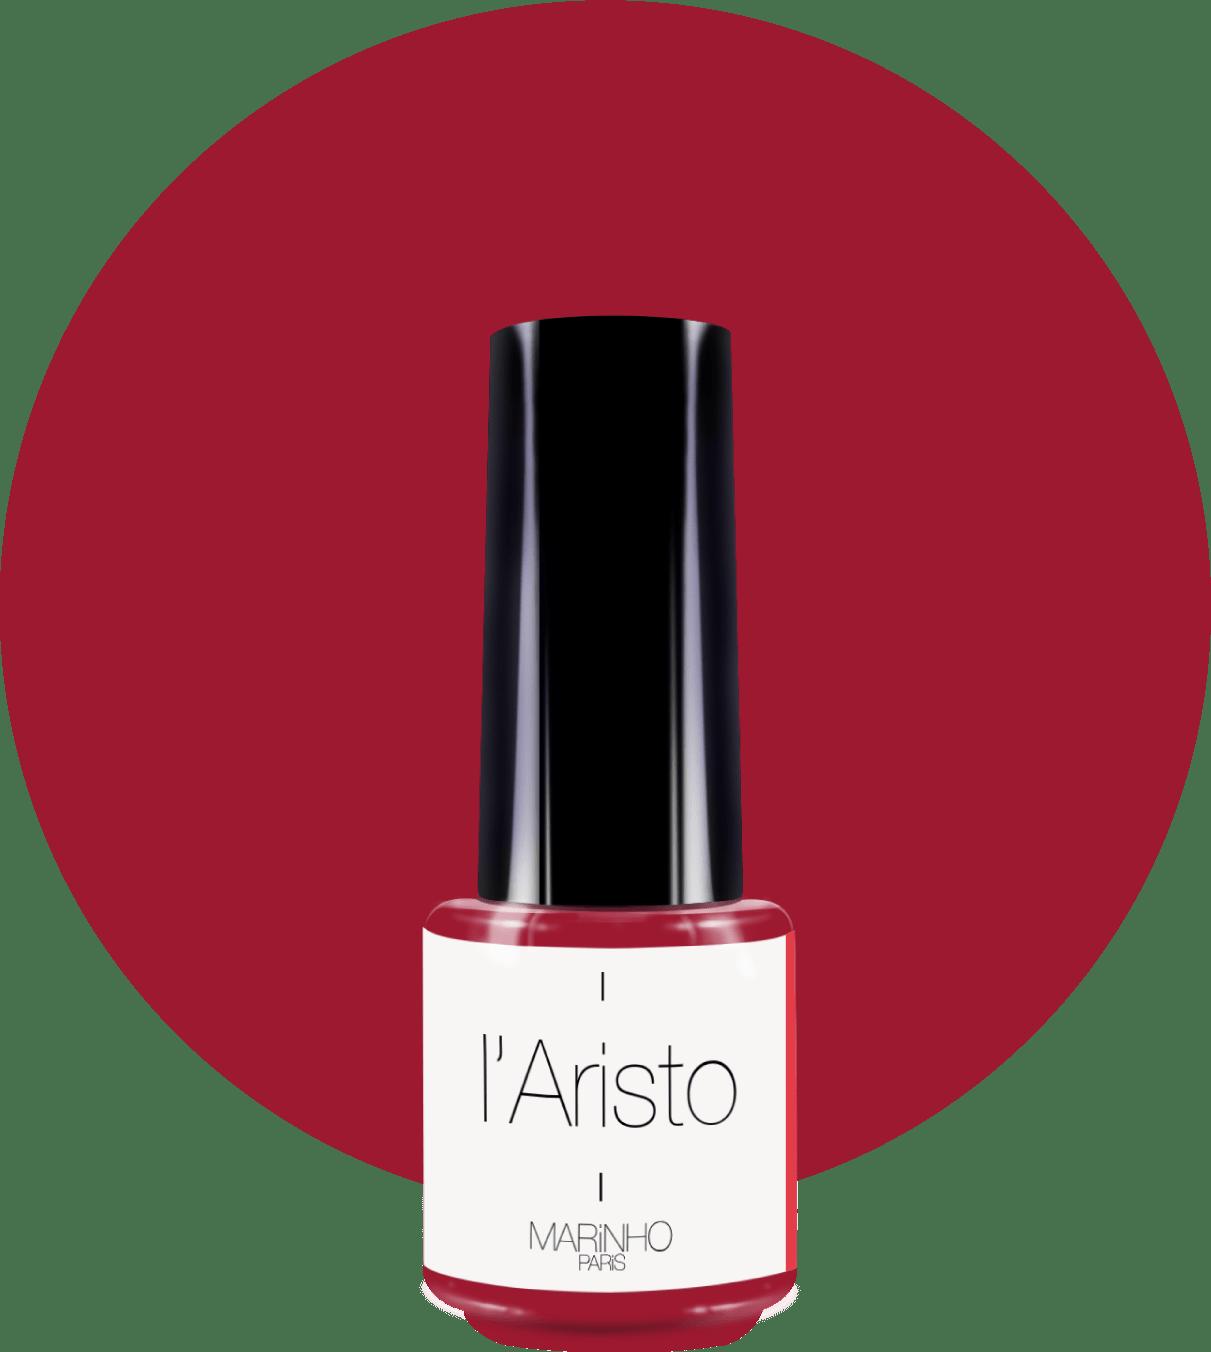 vernis semi-permanent rouge marinho paris sur rond rouge